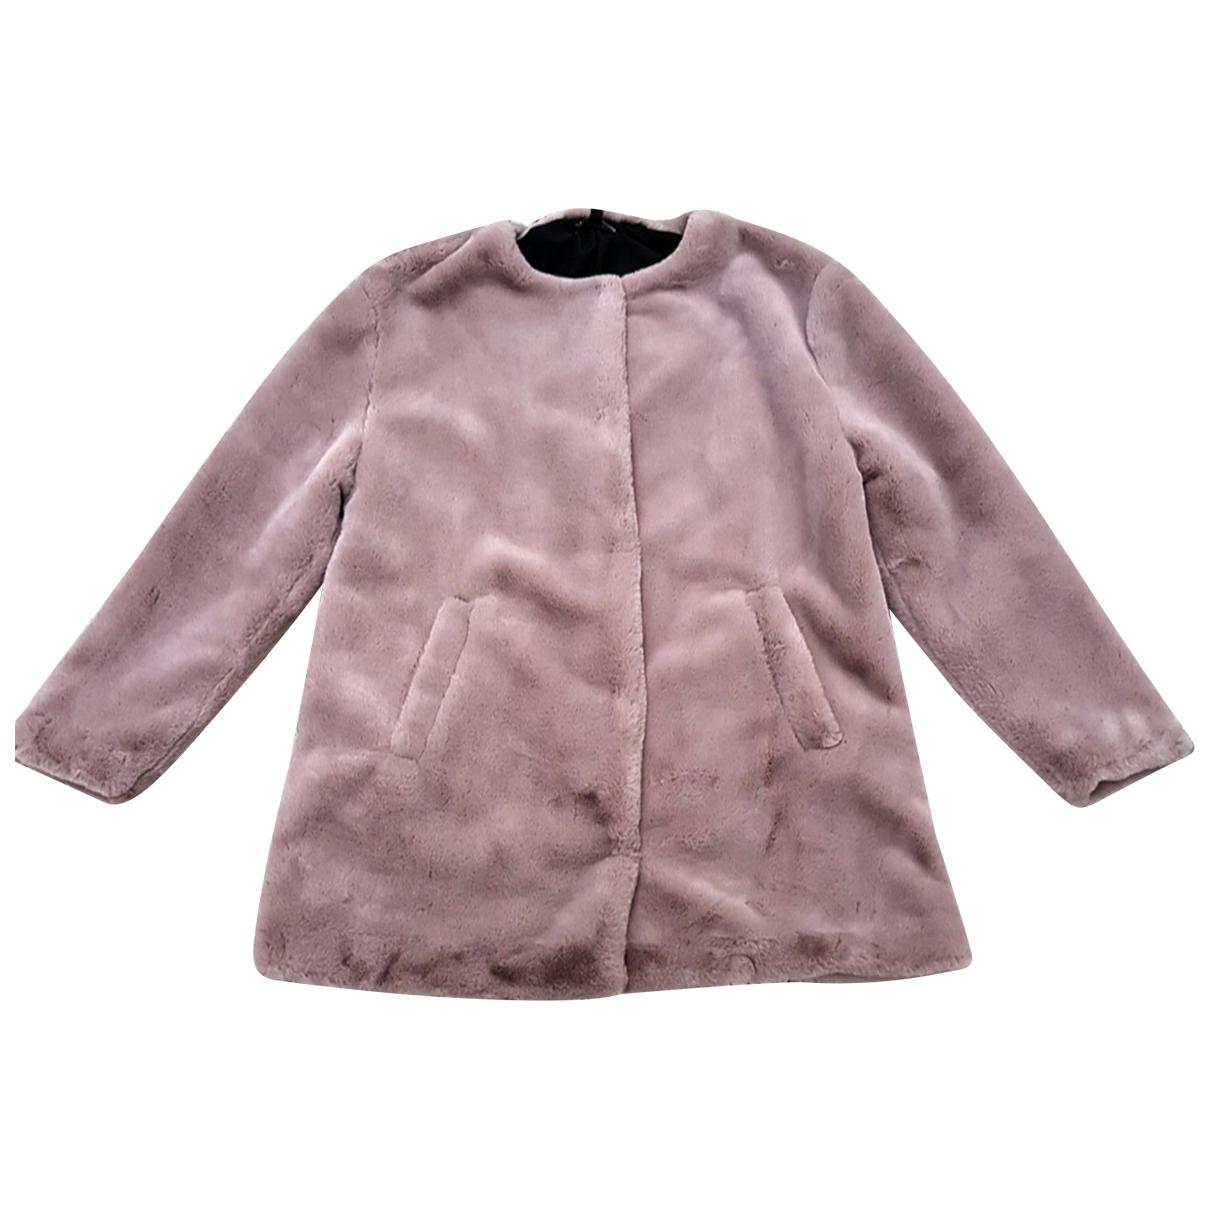 Zara \N Beige Faux fur coat for Women S International